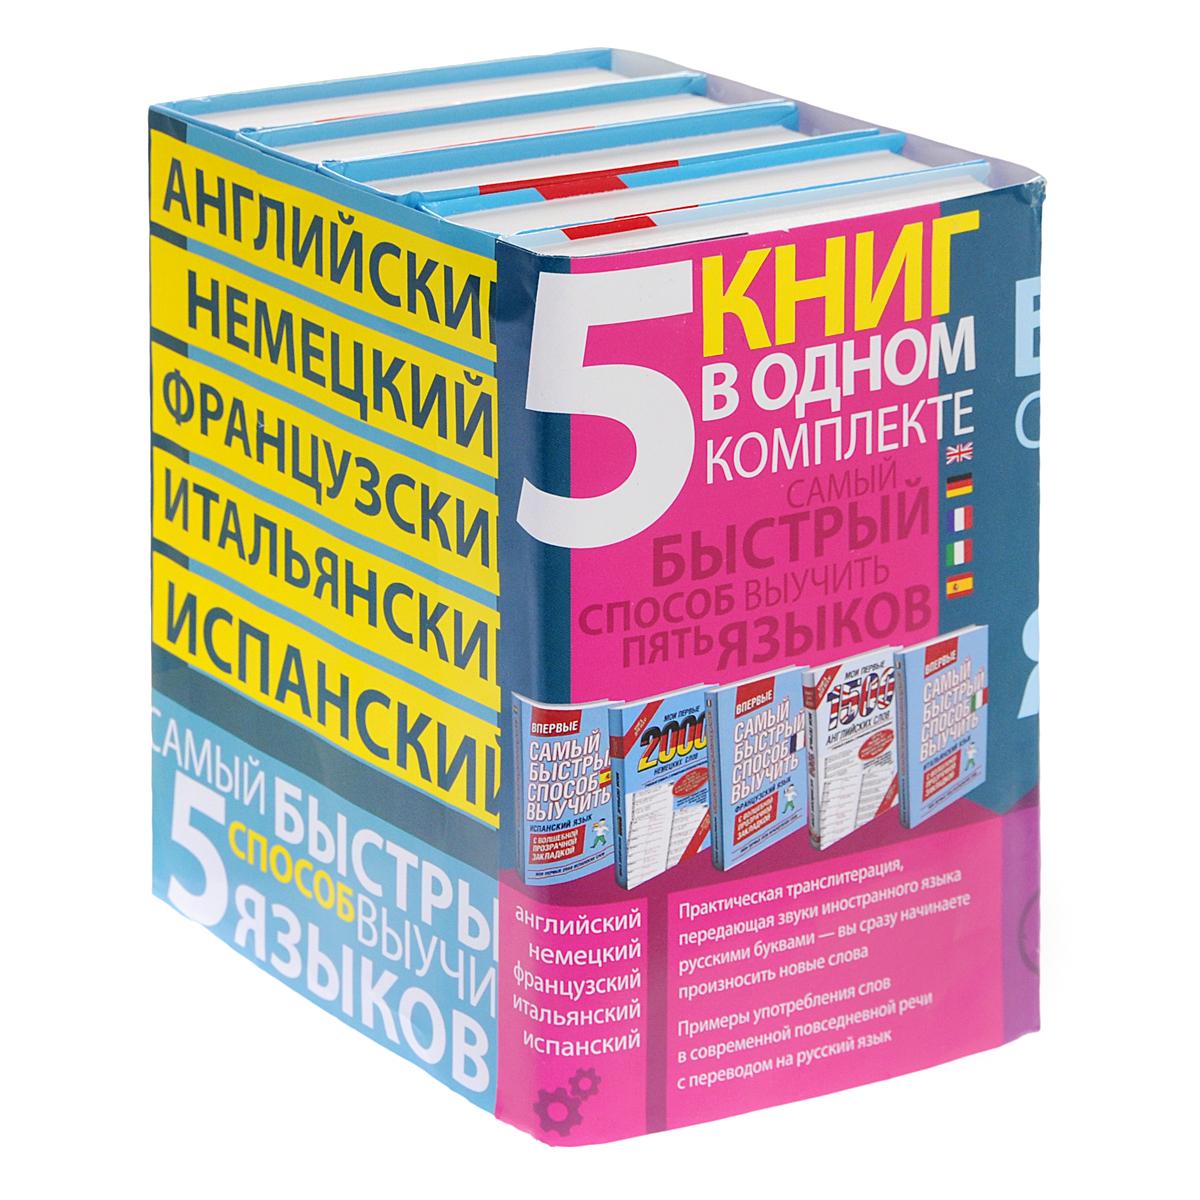 Самый быстрый способ выучить 5 языков. Английский, немецкий, французский, итальянский, испанский (комплект из 5 книг) ( 978-5-17-088237-3 )